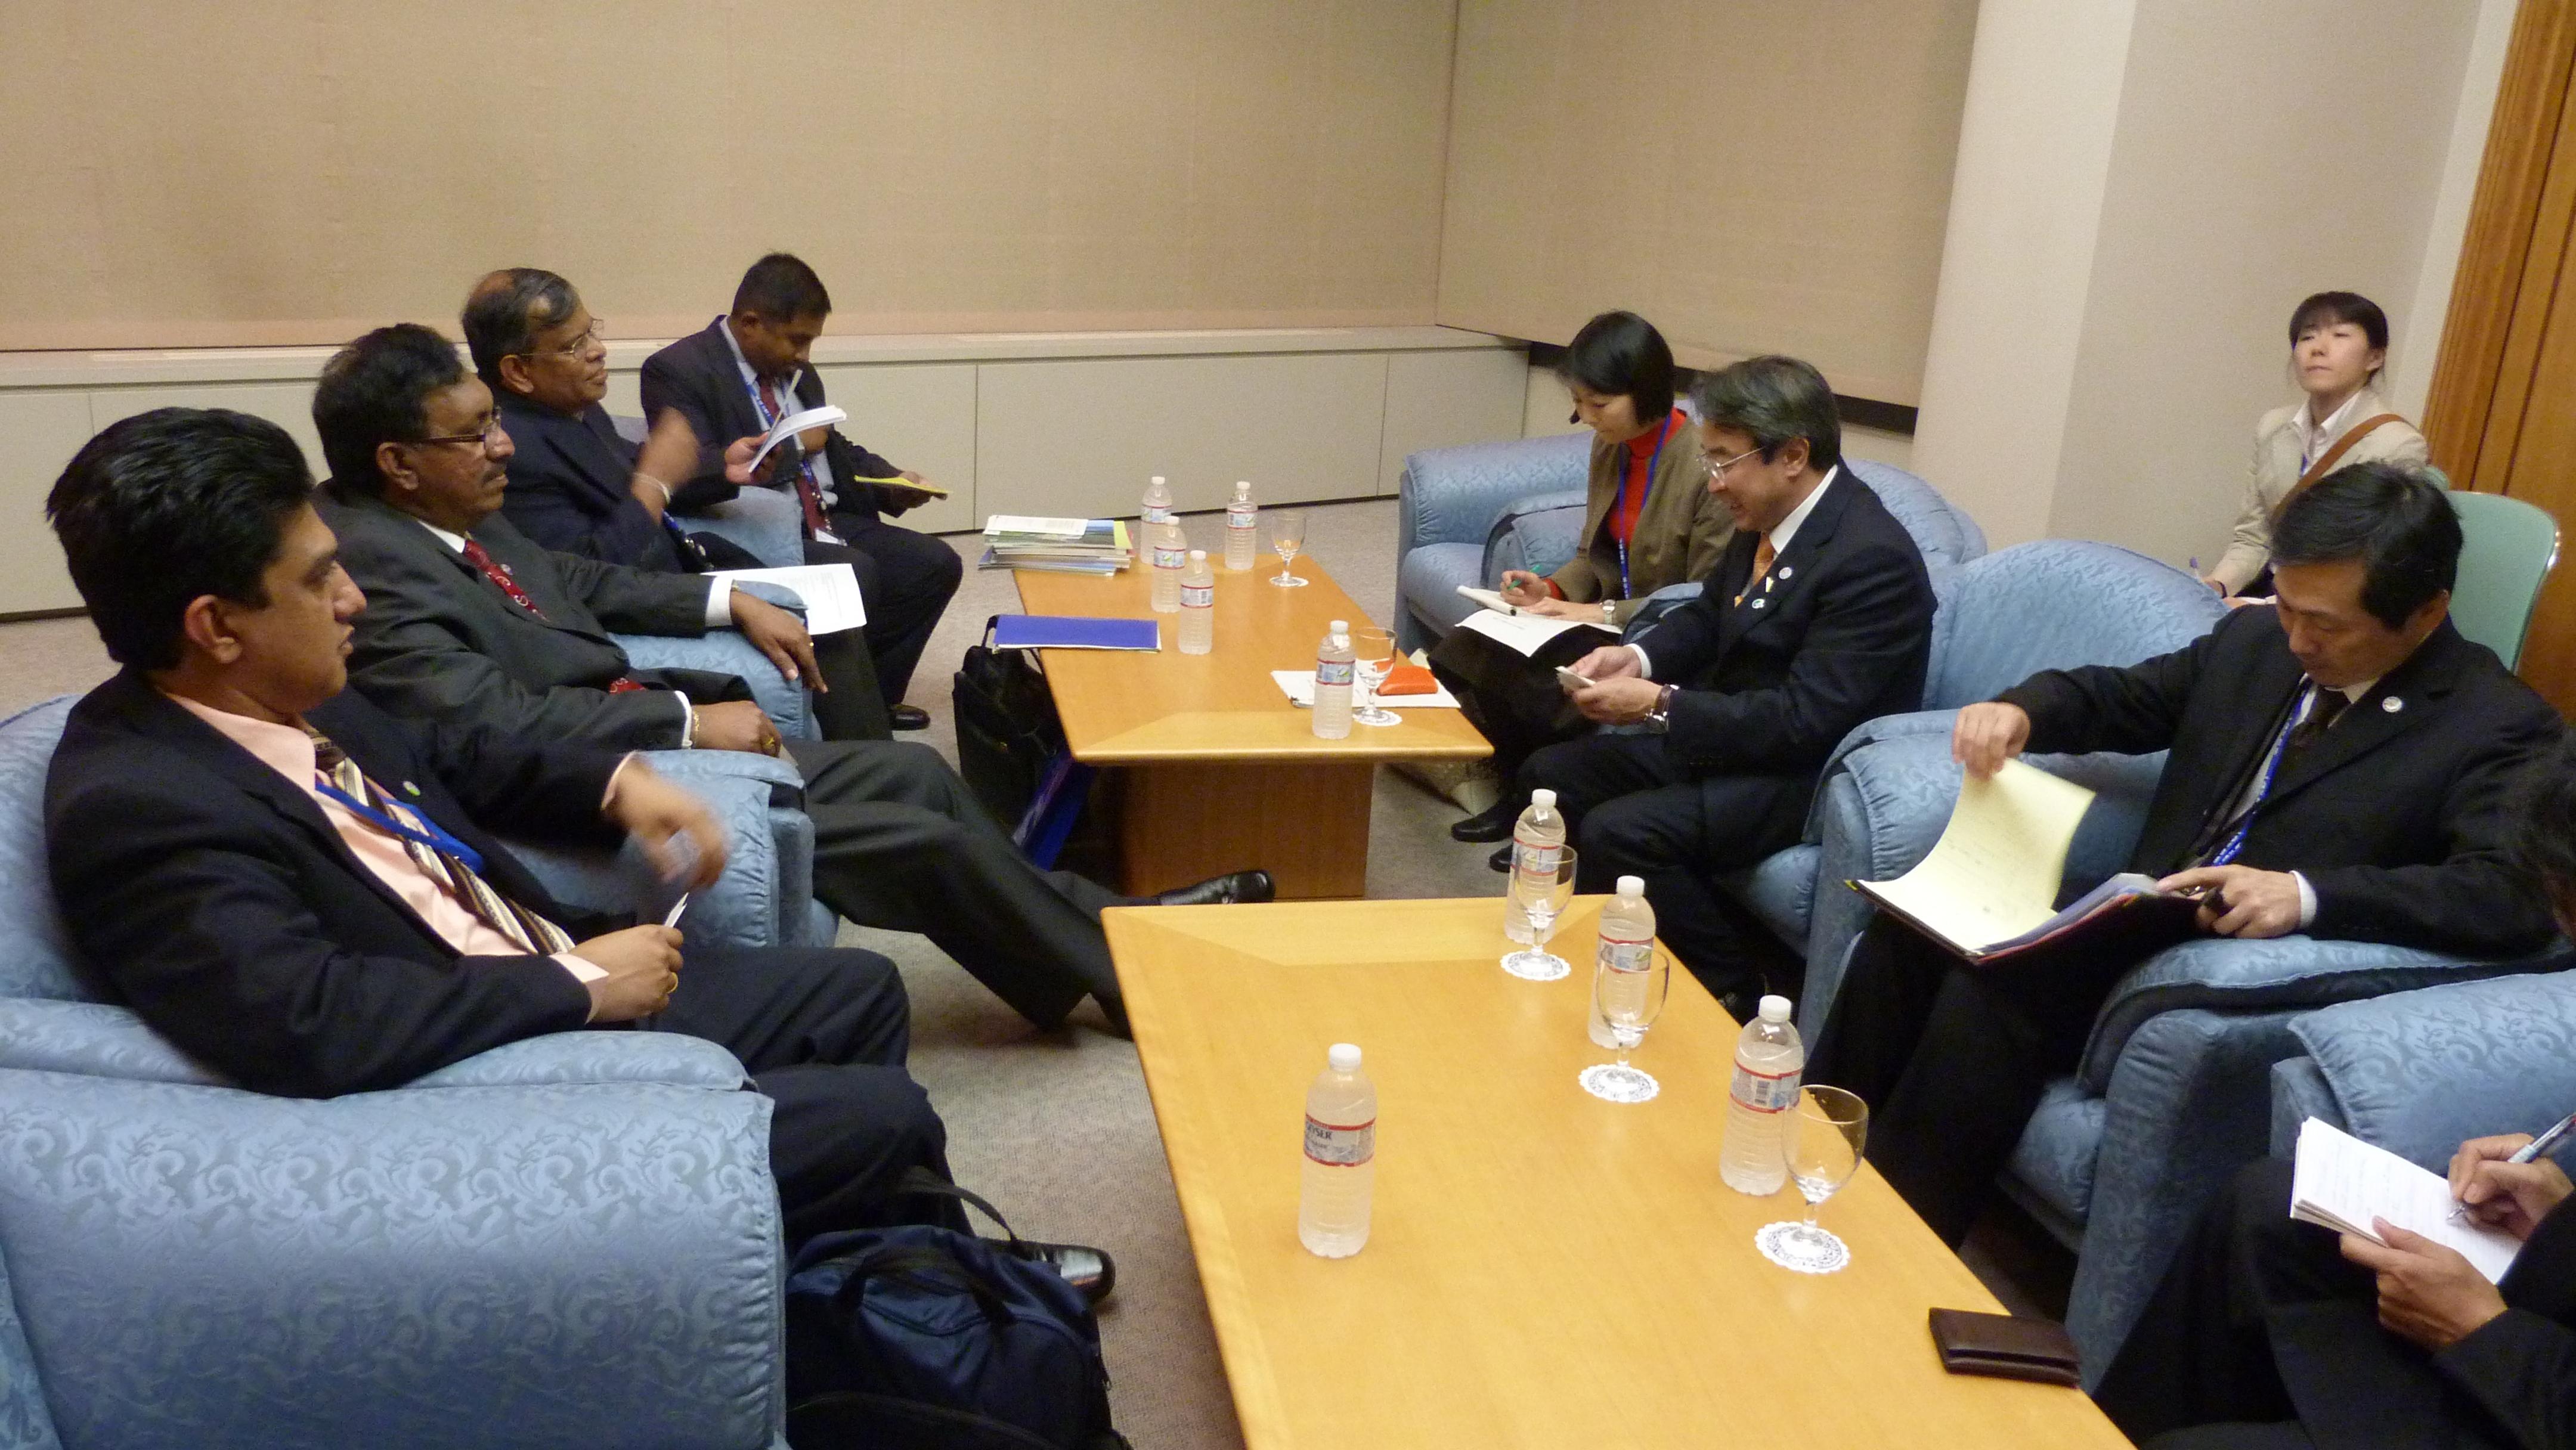 Dịch thuật tài liệu tiếng Nhật, Dịch thuật văn bản tiếng Nhật, dịch thuật công chứng tài liệu tiếng Nhật